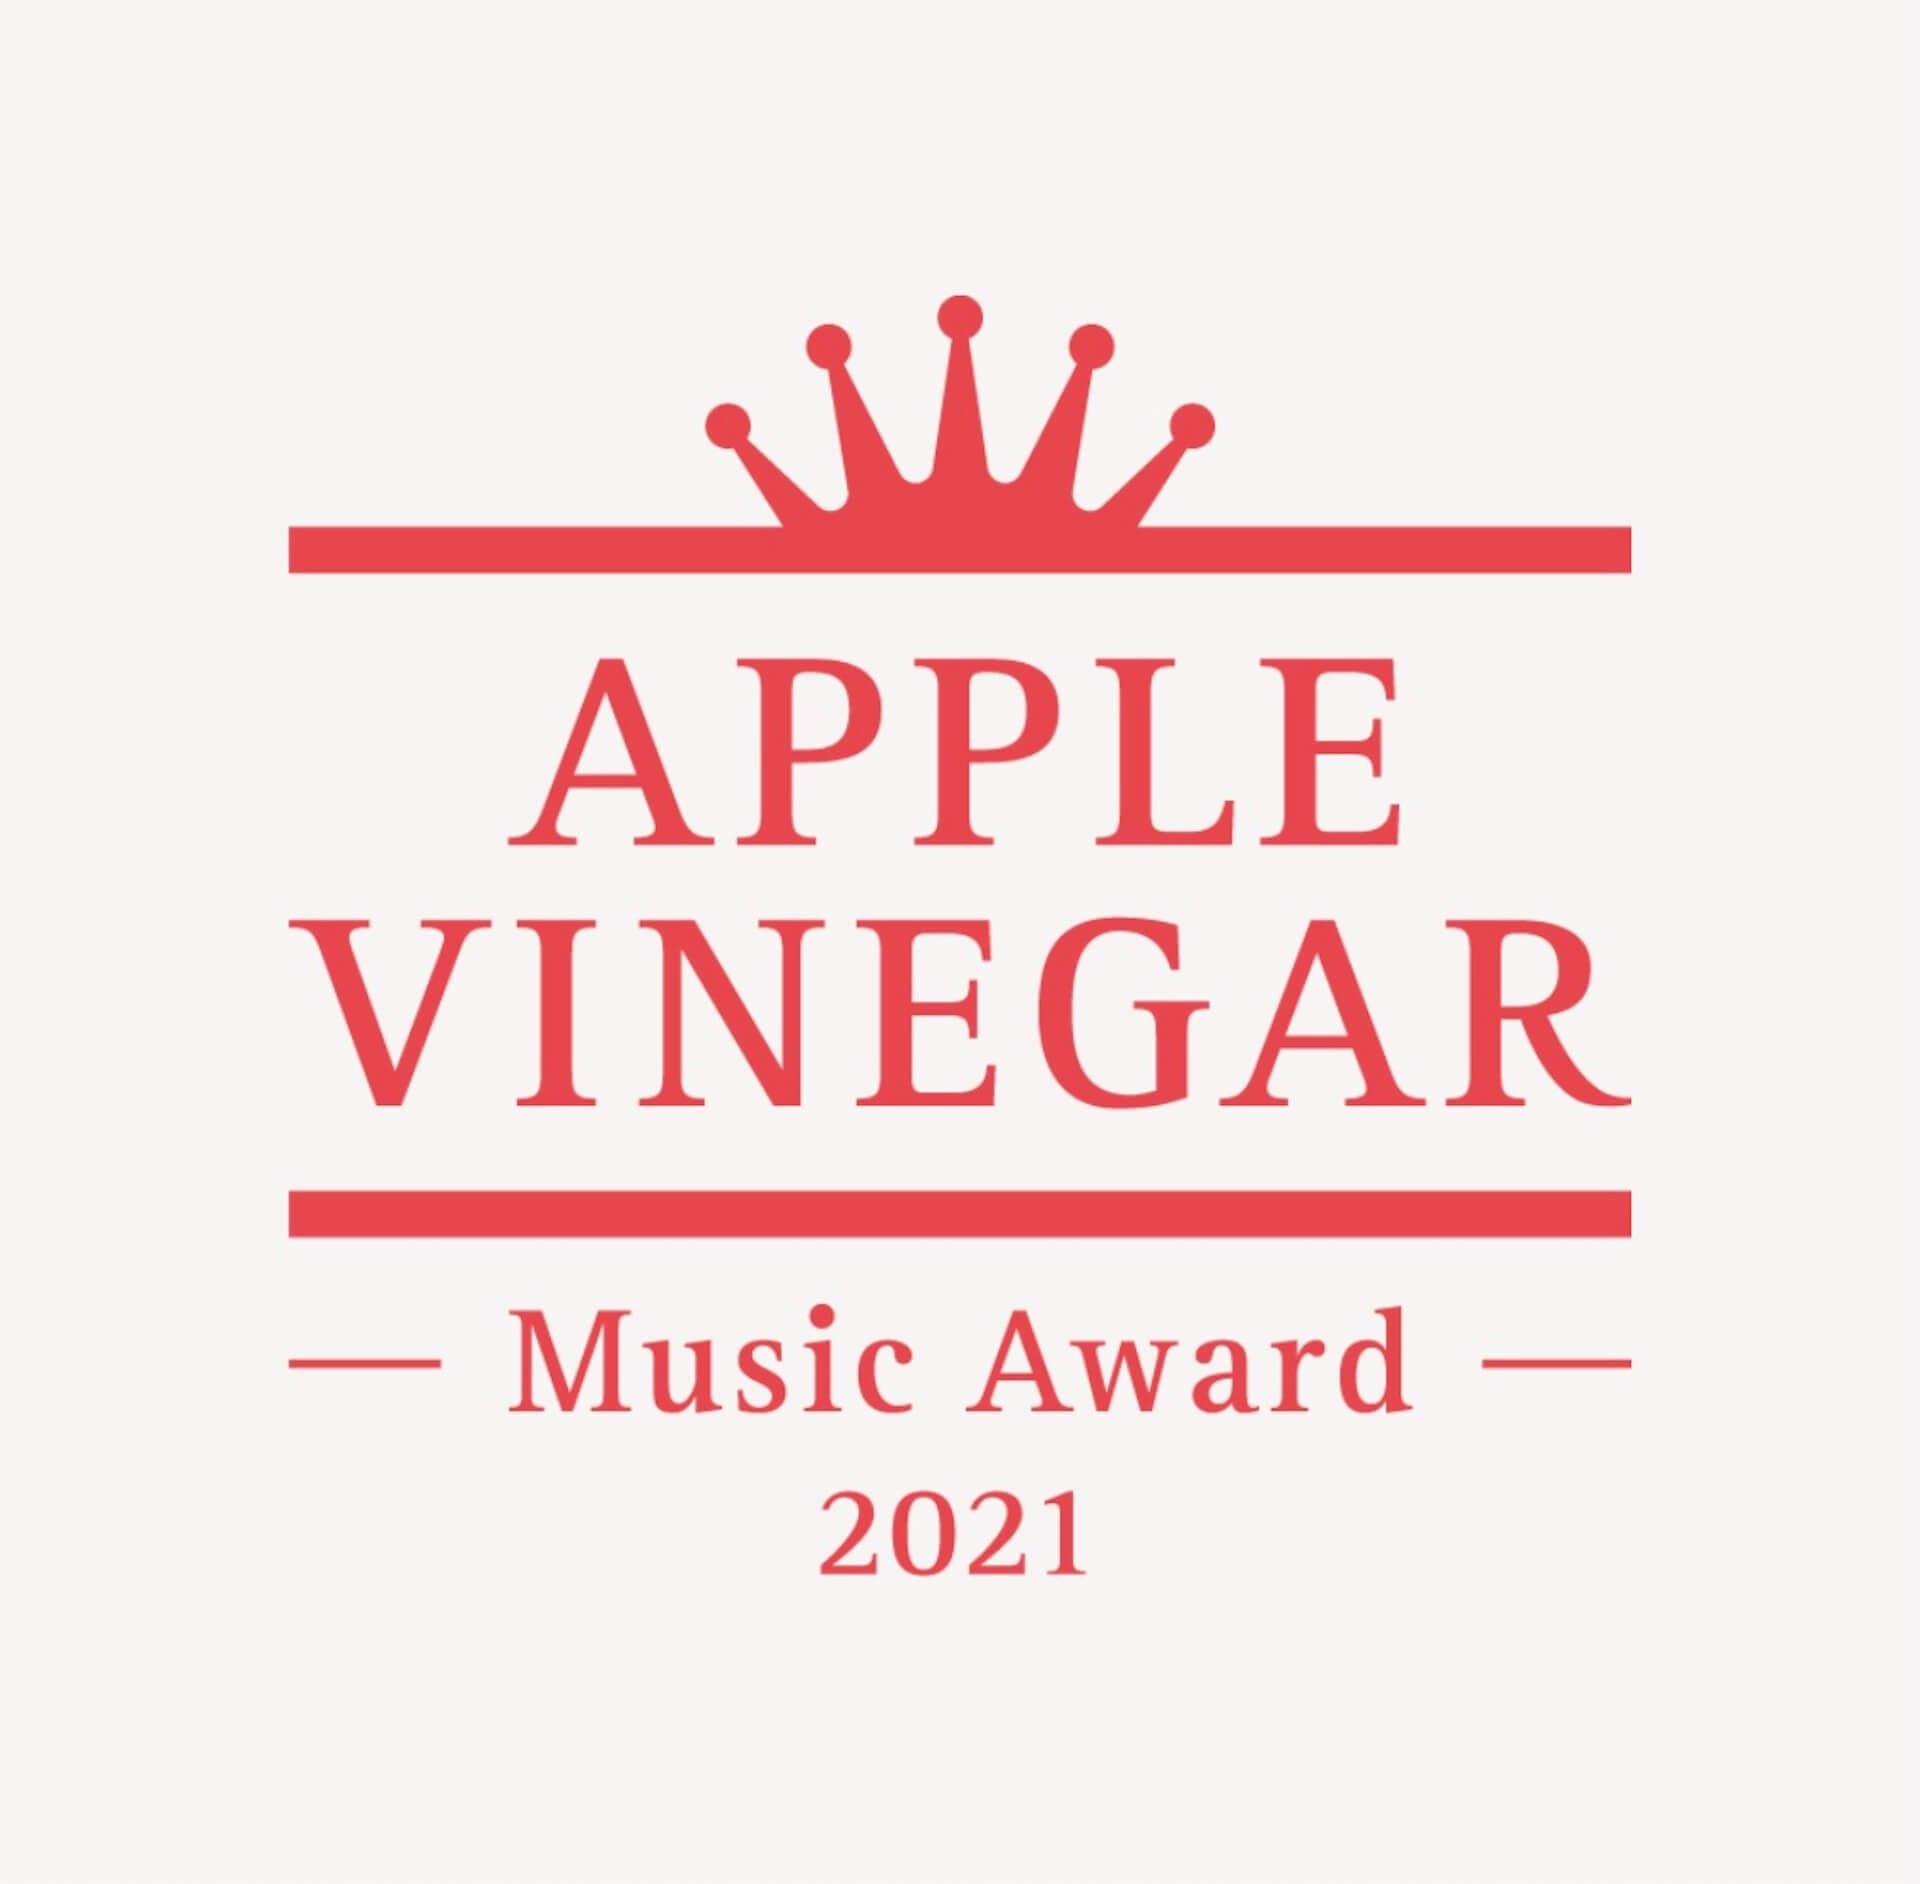 今年のAPPLE VINEGAR -Music Award-大賞はBIM『Boston Bag』&ラブリーサマーちゃん『THE THIRD SUMMER OF LOVE』!特別賞も決定 music210409_applevinegaraward_4